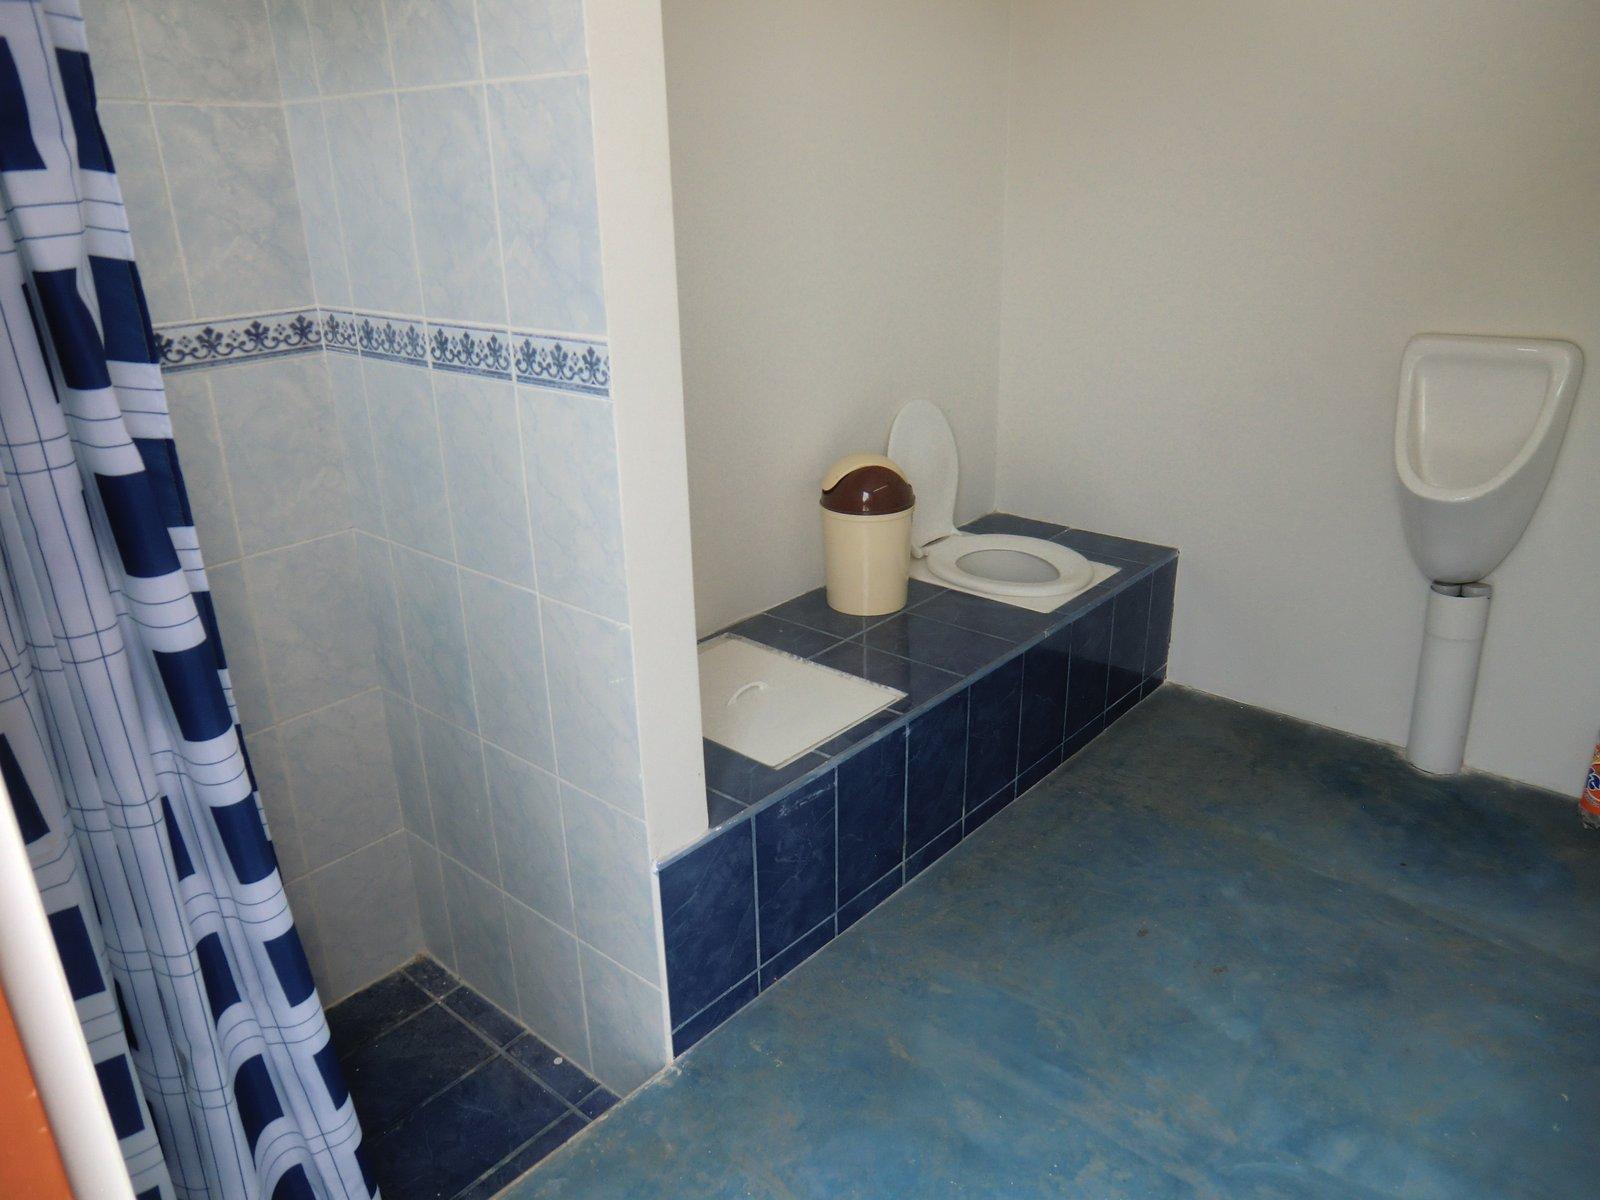 Hospital shower healthcare.jpg